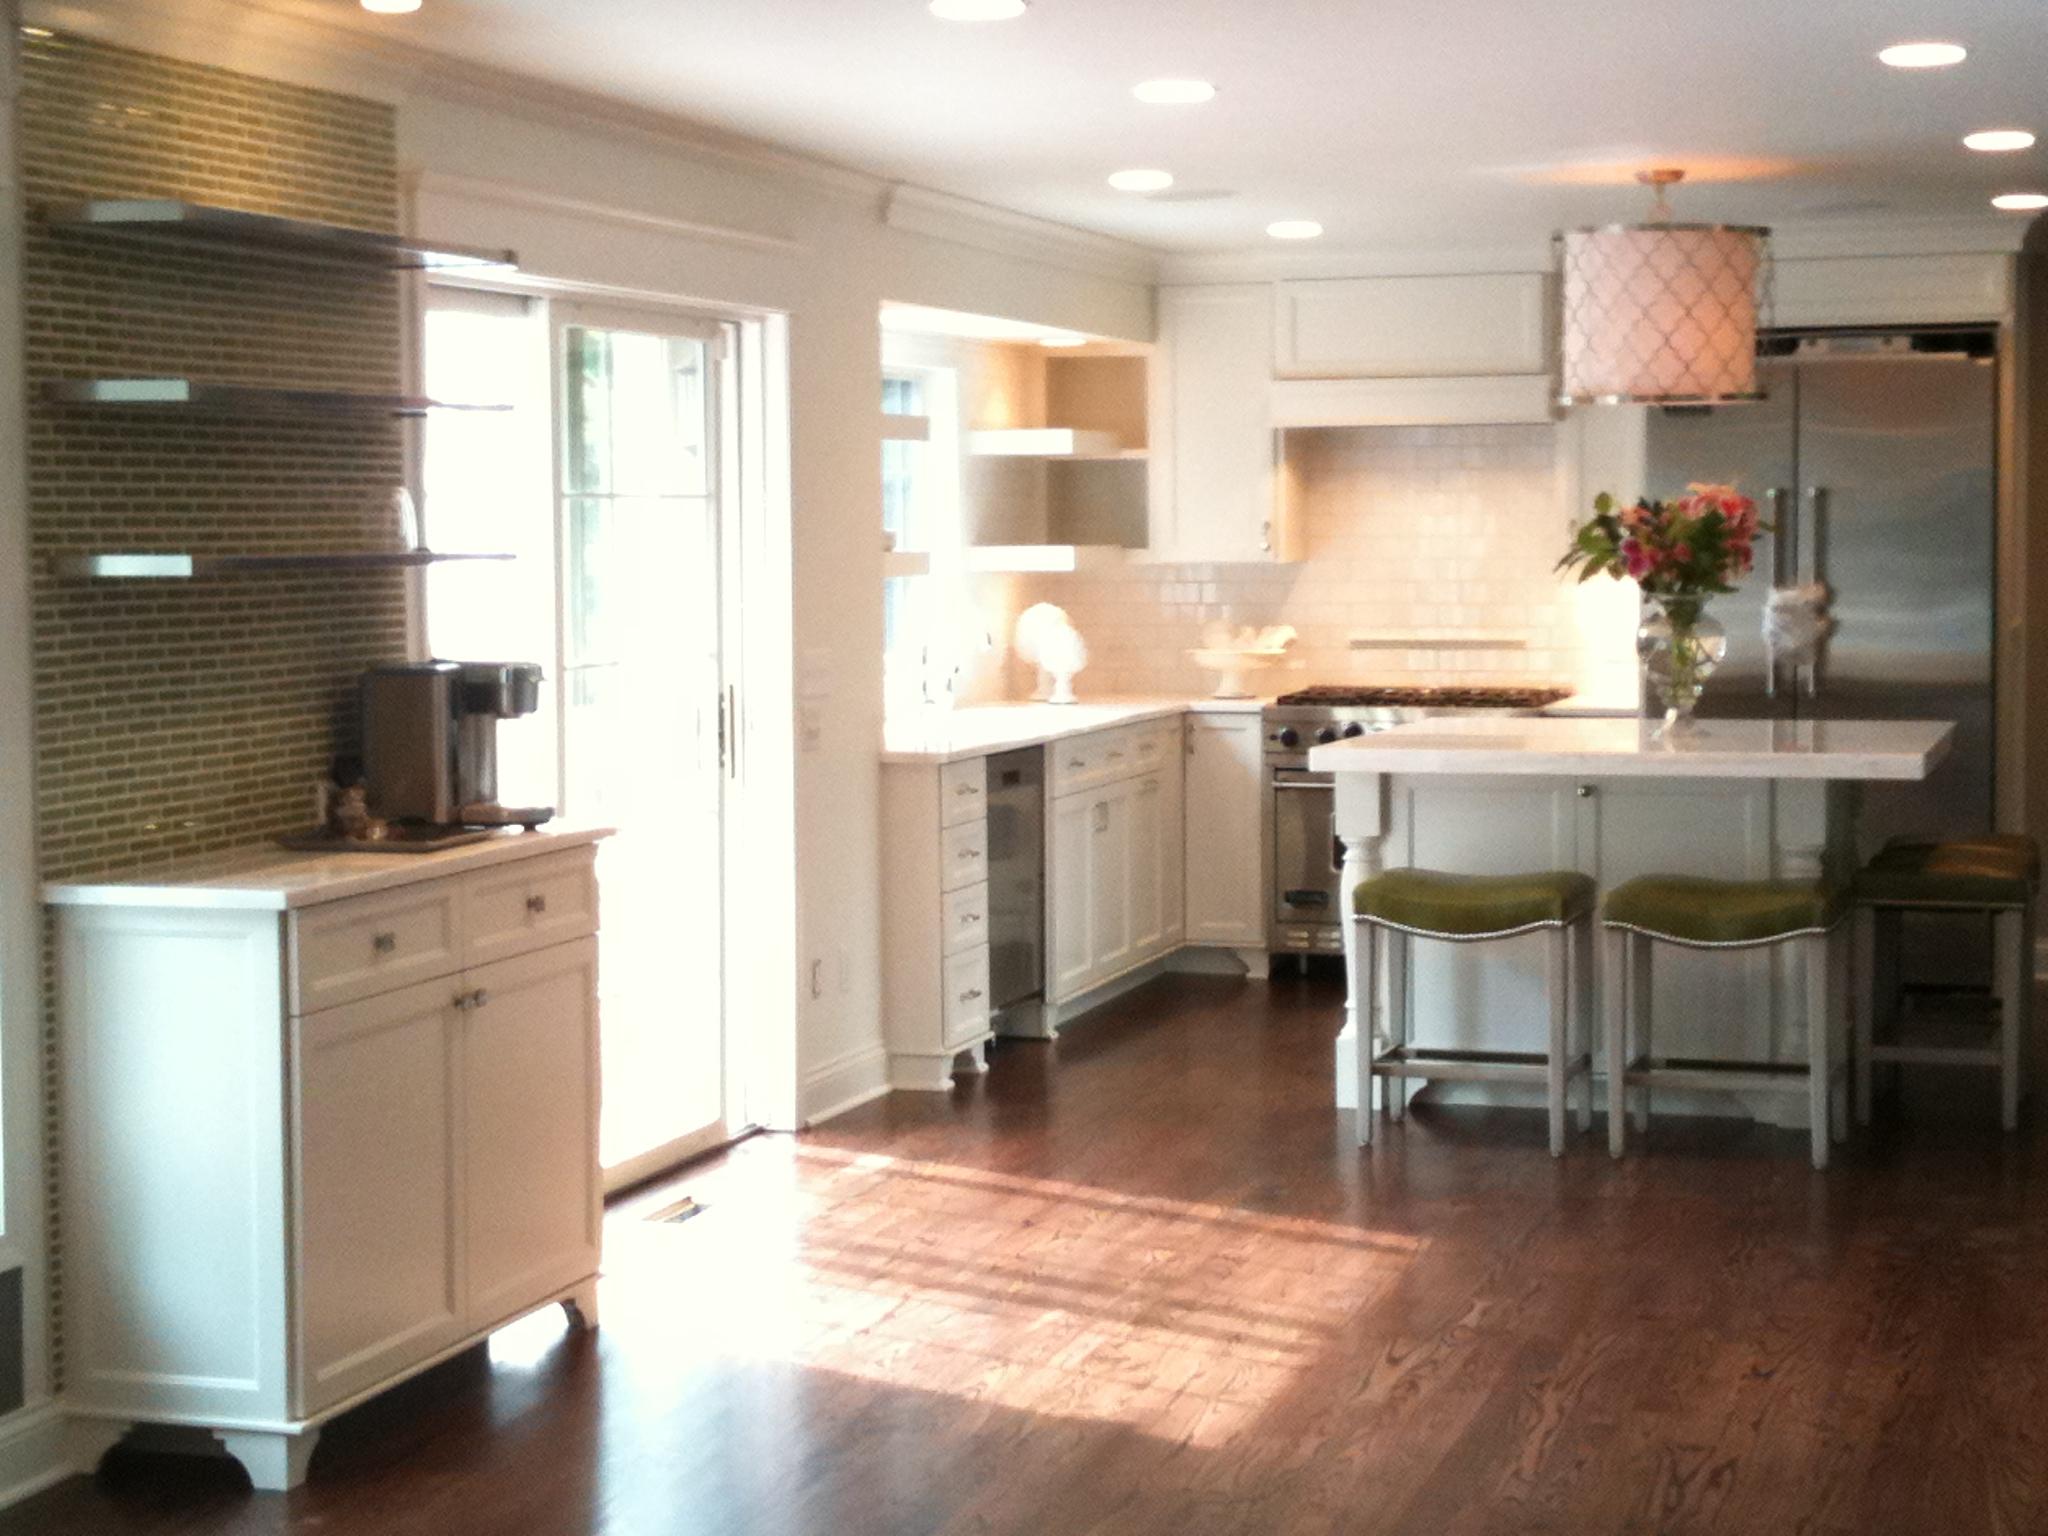 eden prairie kitchen remodel